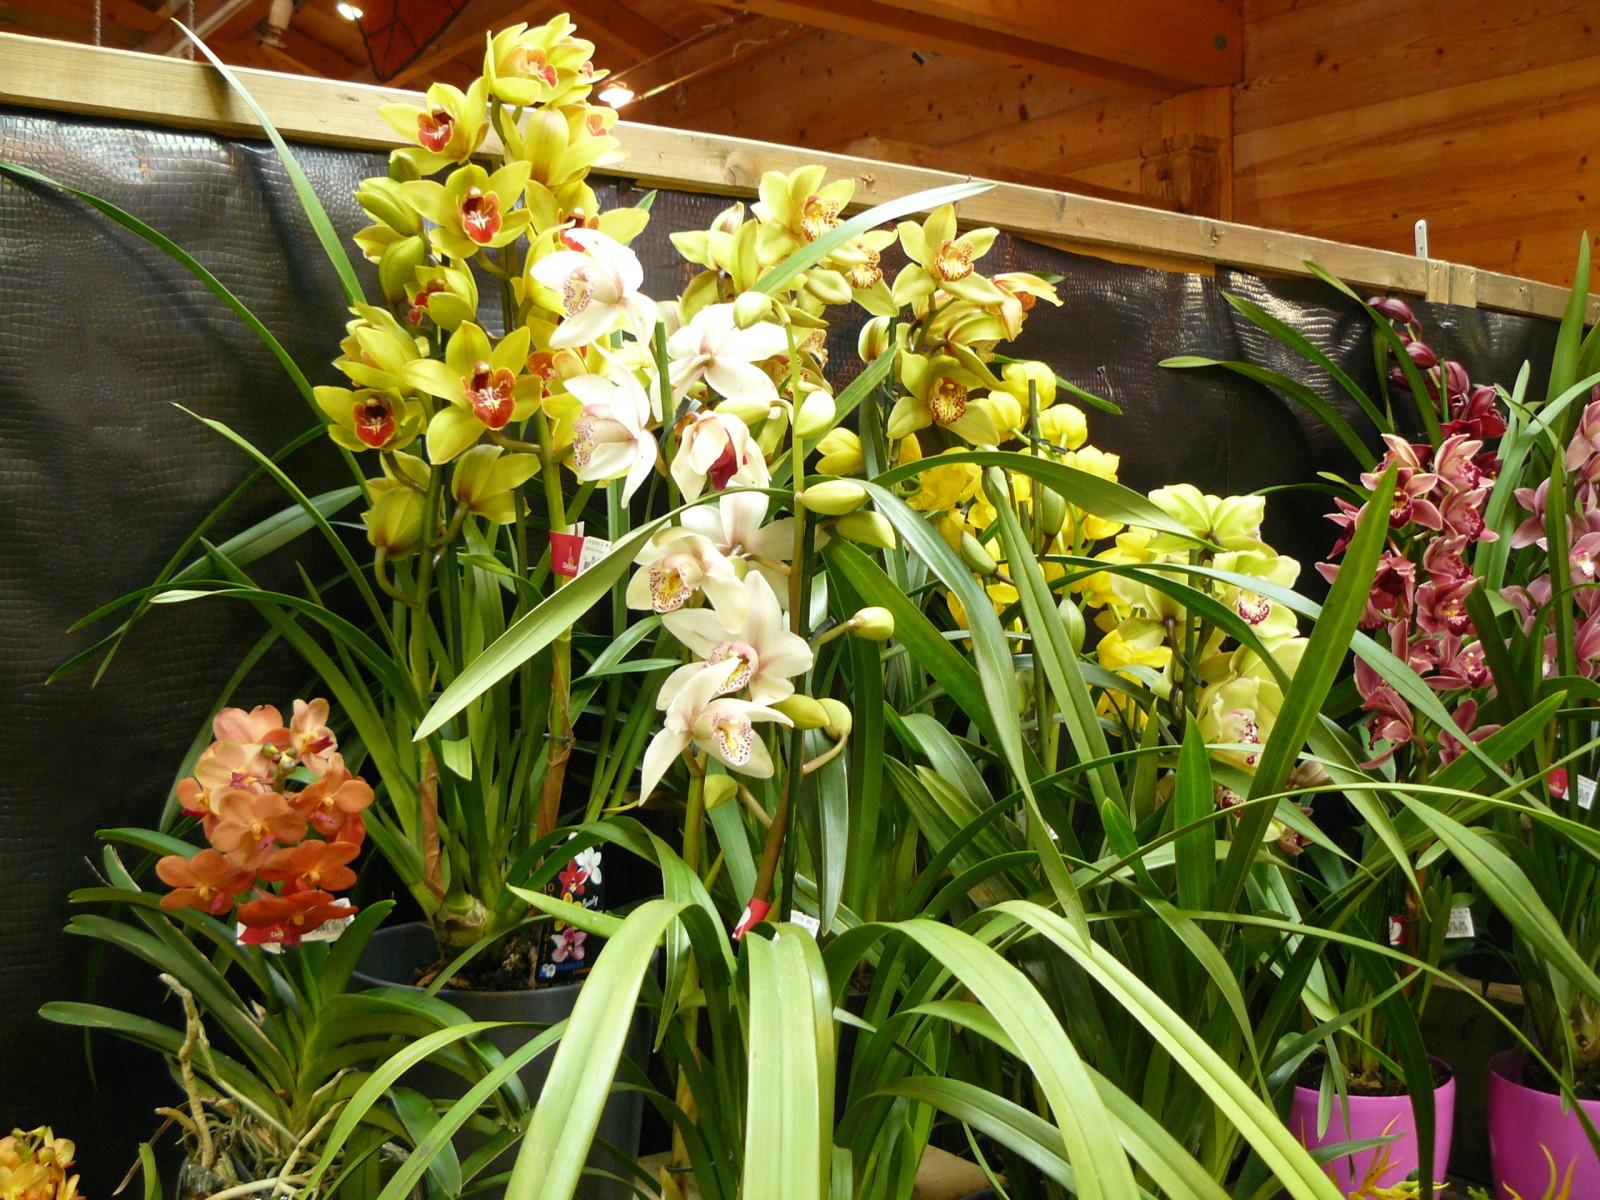 differente variete d orchidee l 39 atelier des fleurs. Black Bedroom Furniture Sets. Home Design Ideas